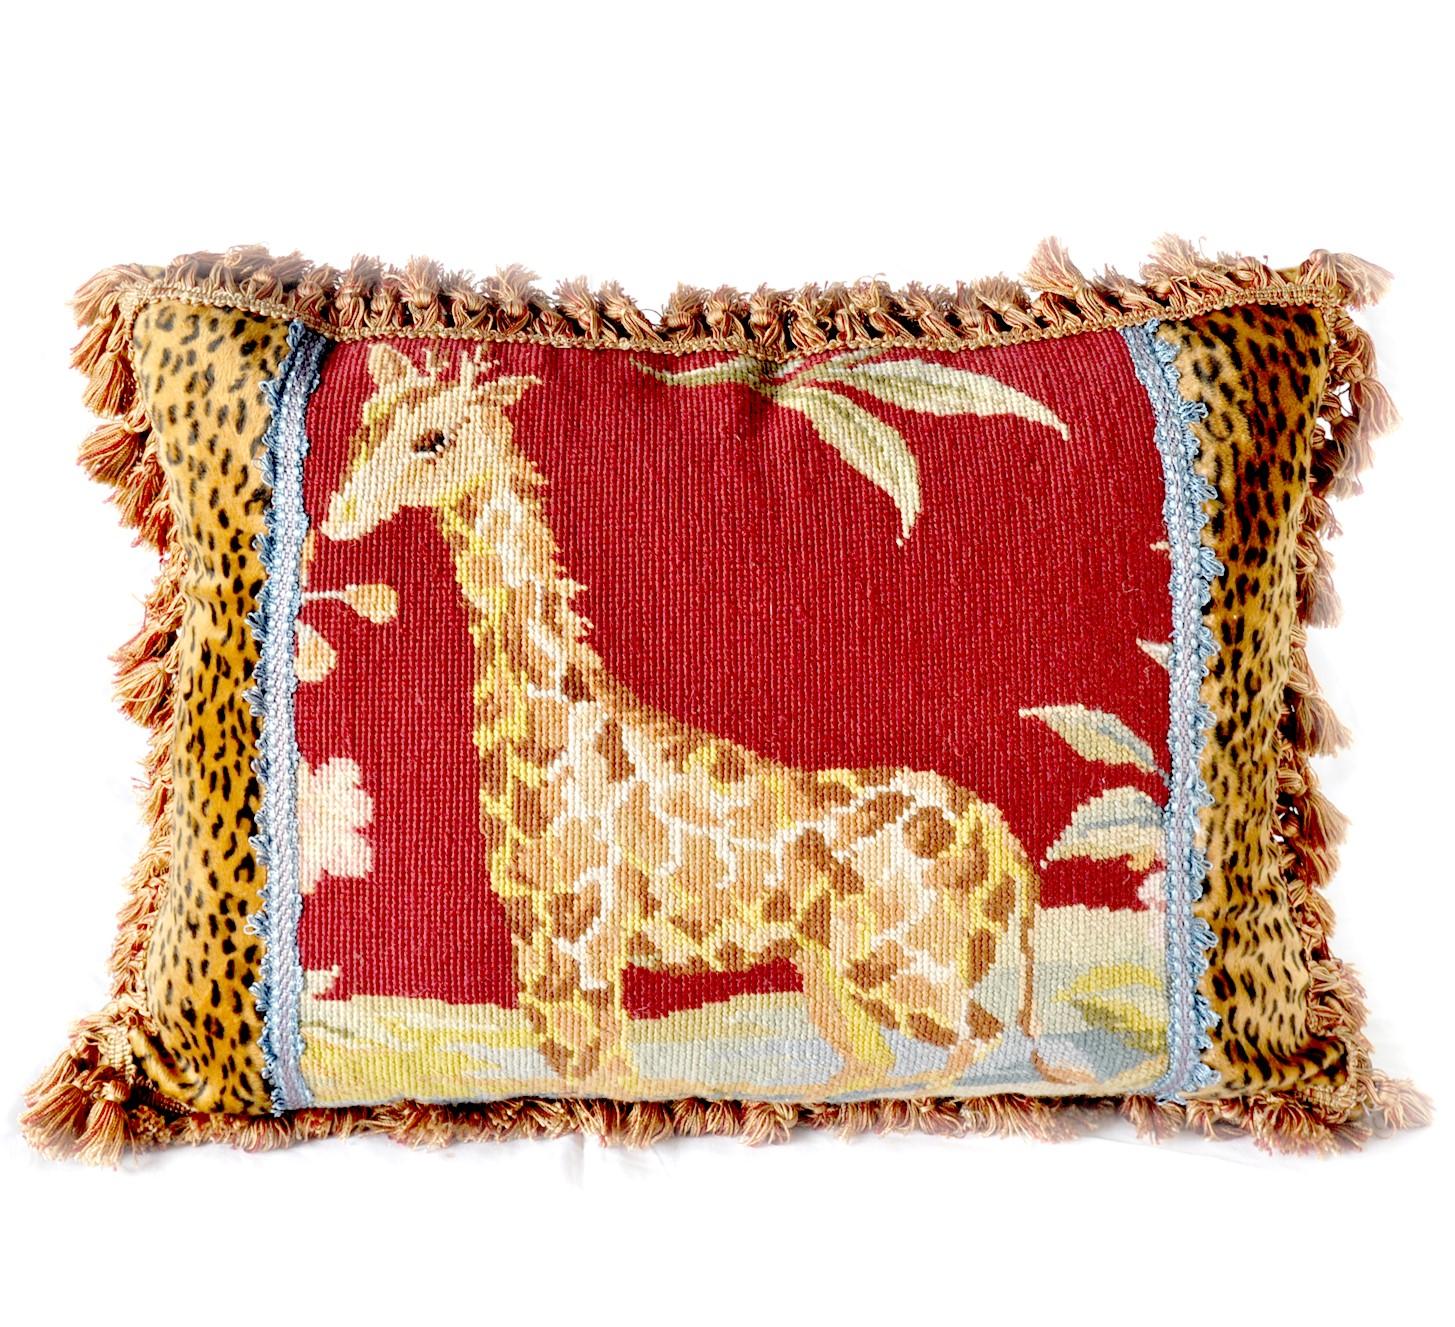 17″x23″ Needlepoint Giraffe Pillow Cover 12980976